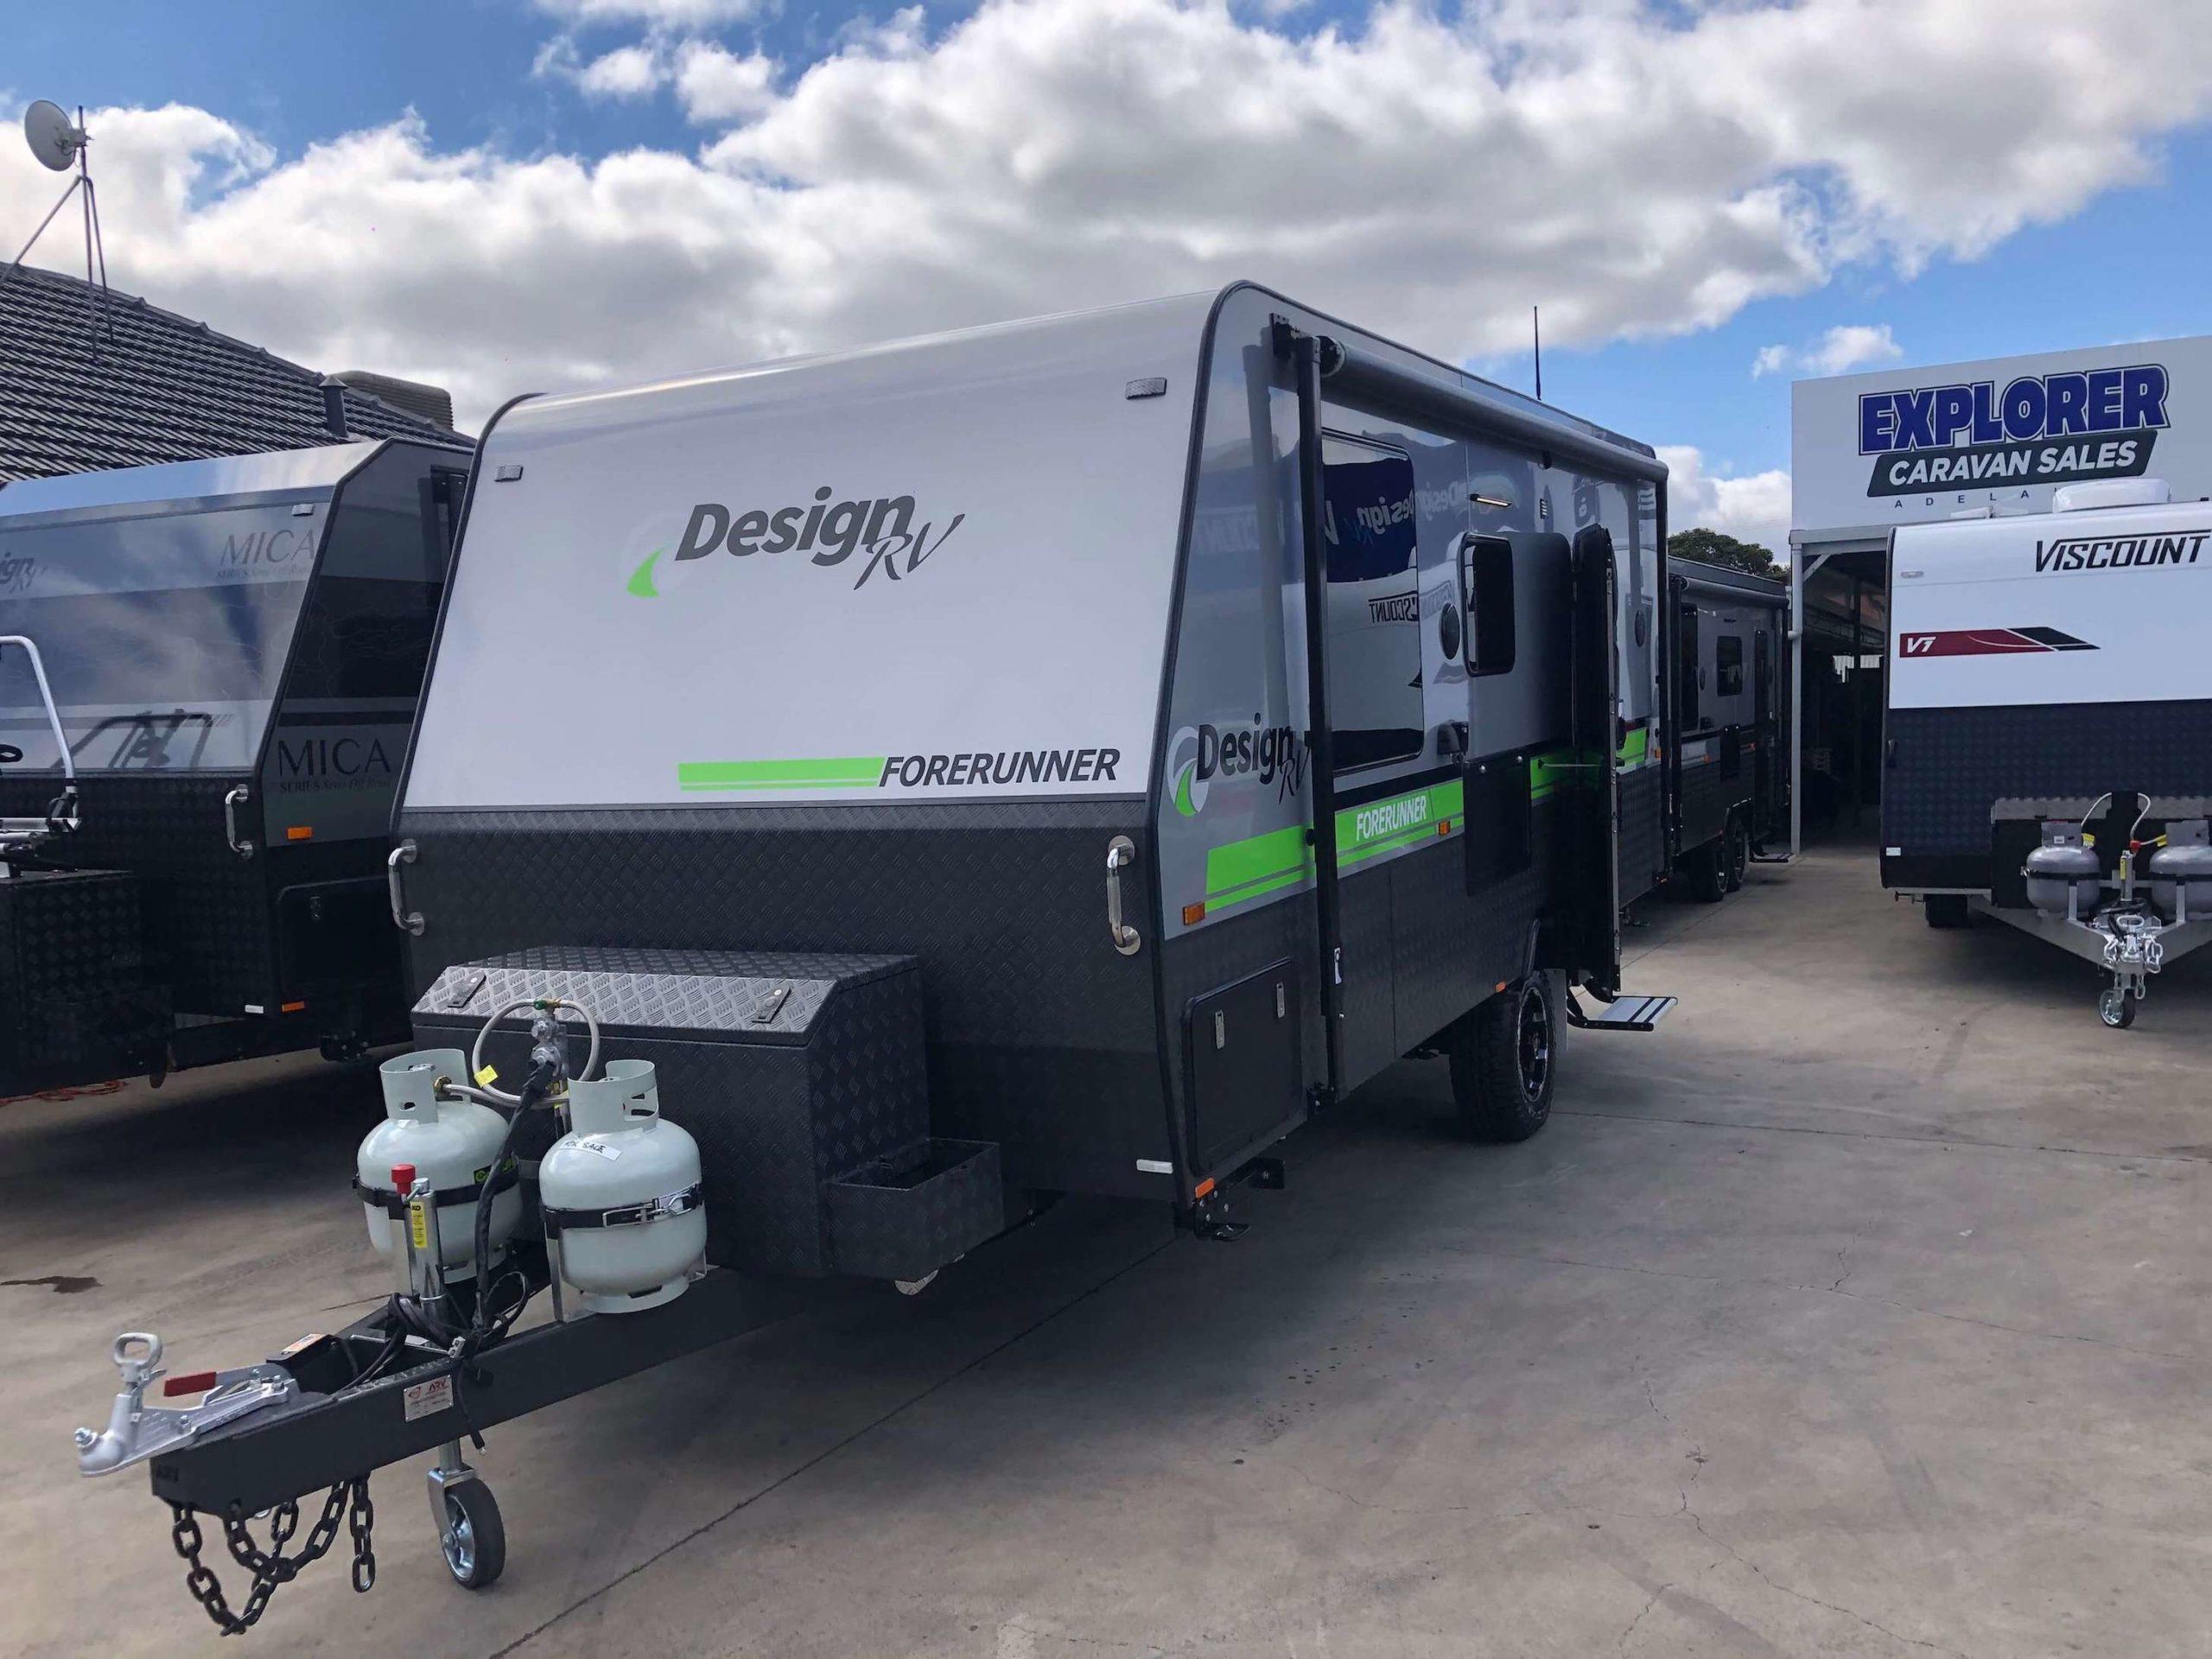 2021 Design RV Forerunner 1-1 green 1